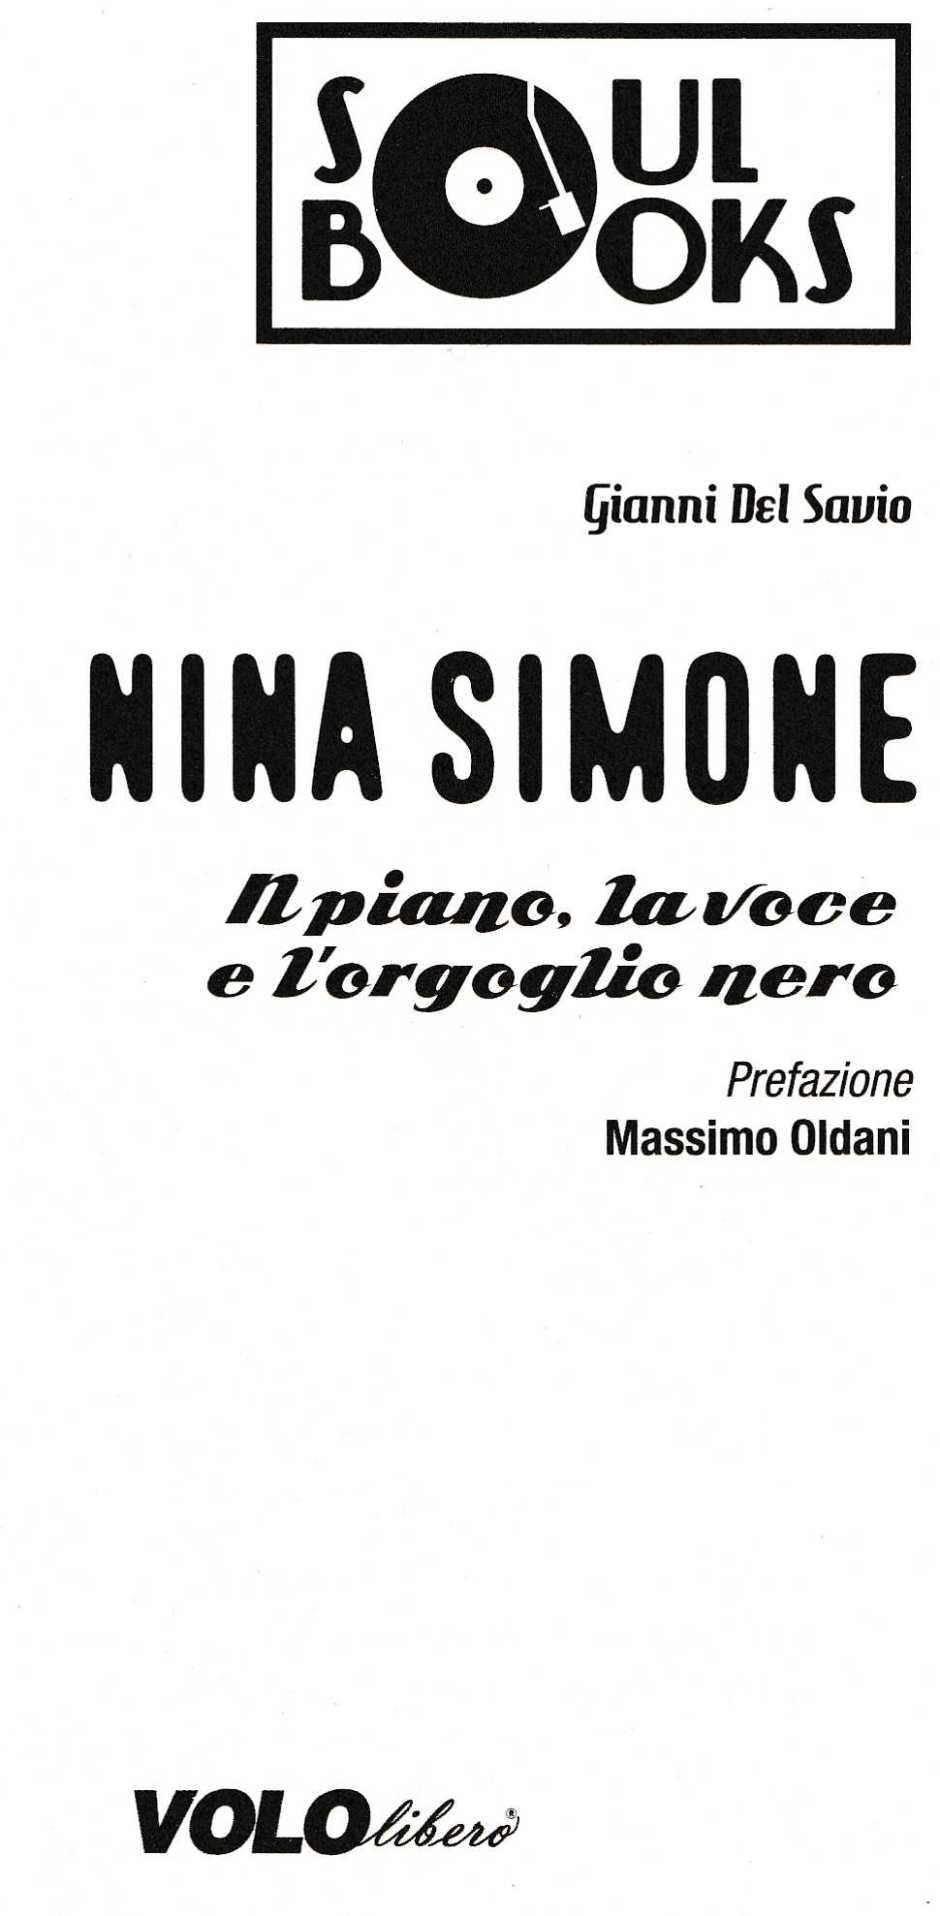 nsimone4251